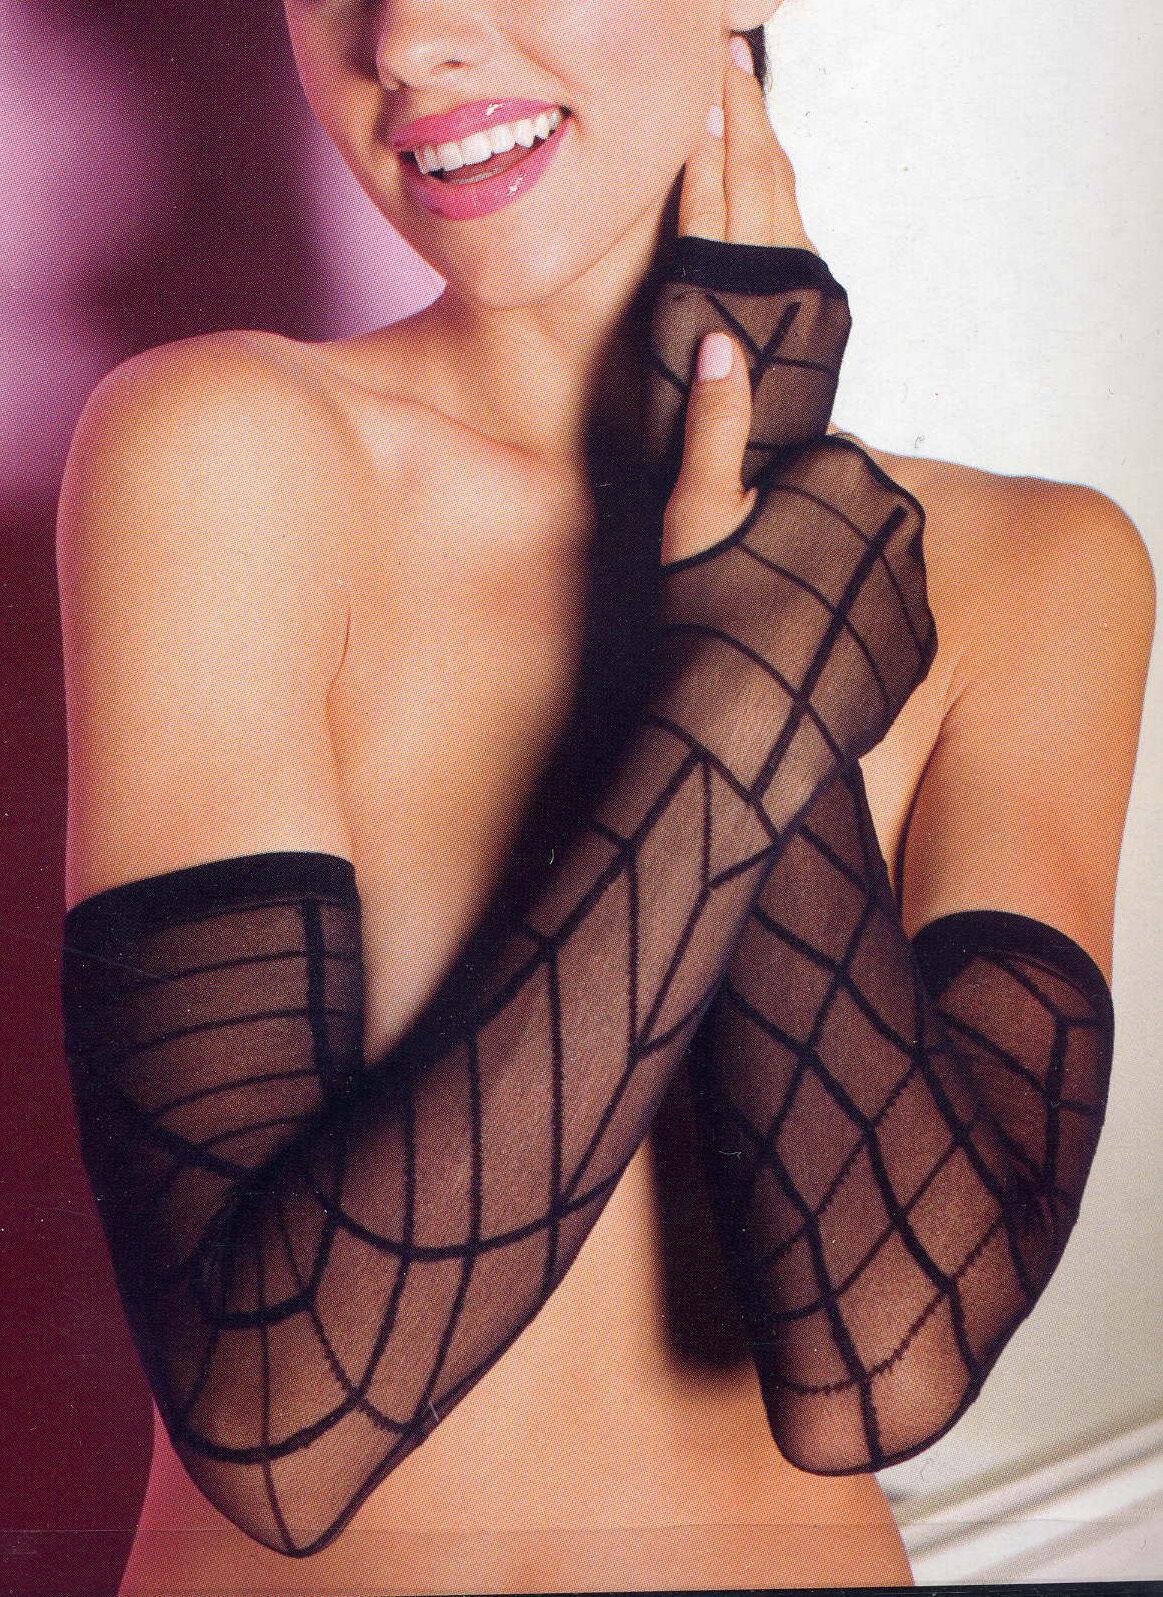 Music Legs 448 Gloves Sheer Nylon Spider Web Fingerless Warmers One Size Black